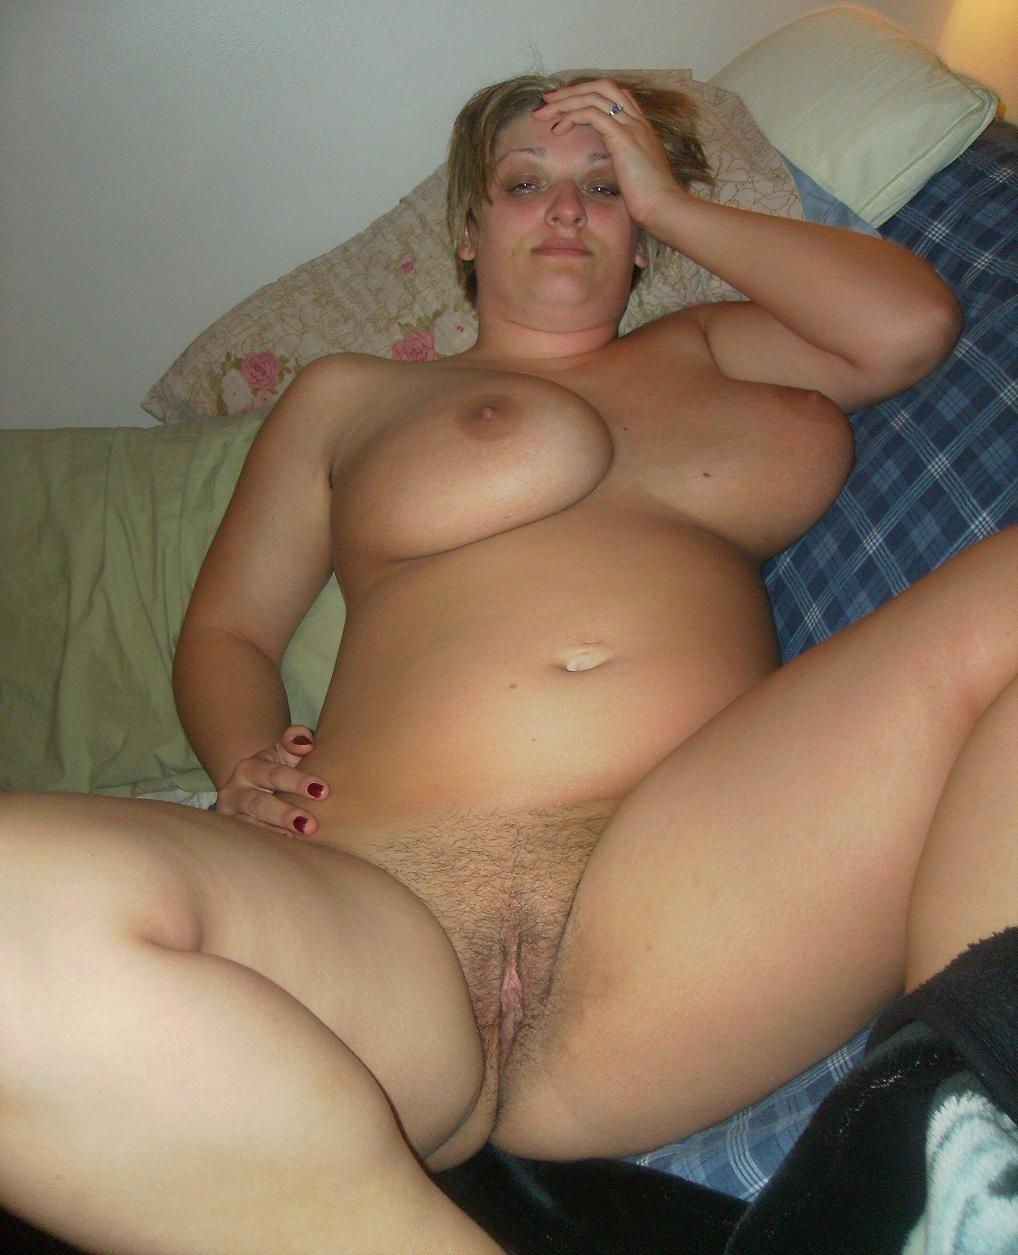 Голая русская женщина с пышной фигурой на кровати